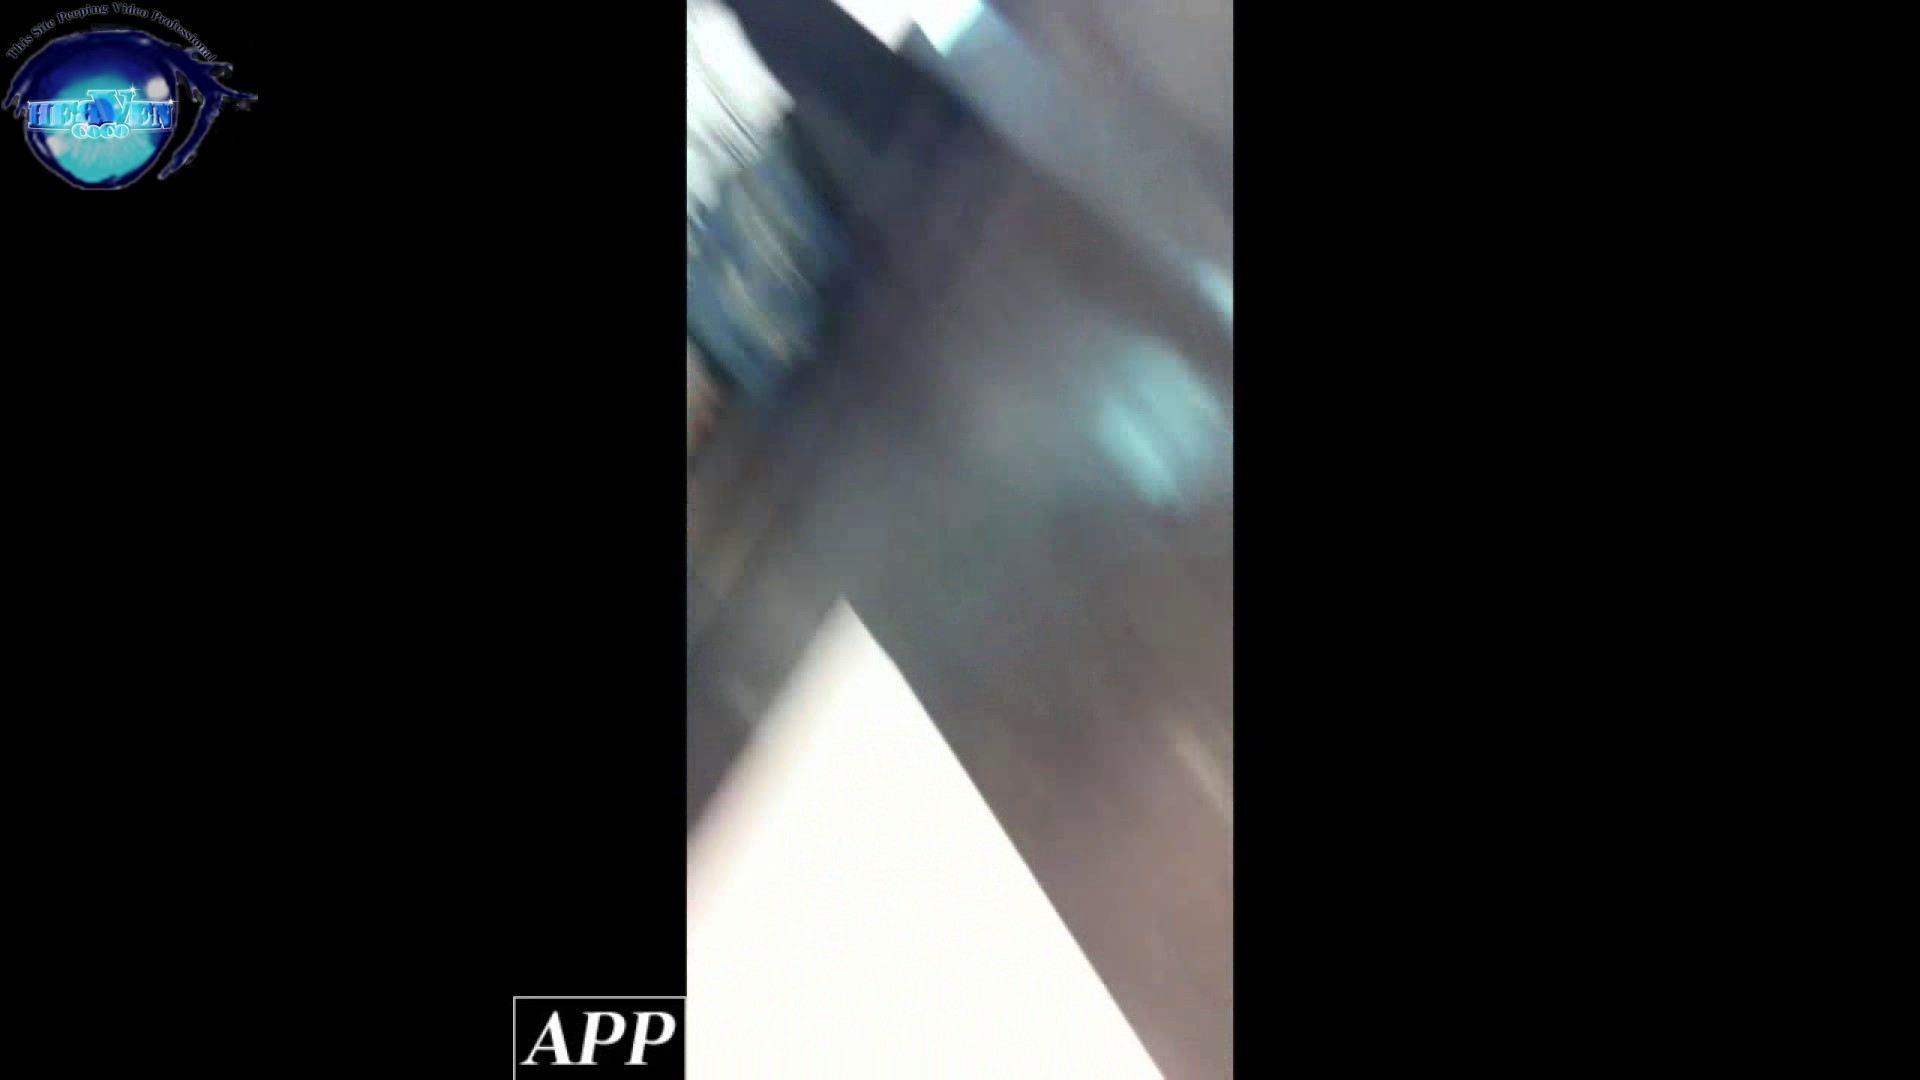 ハイビジョン盗撮!ショップ店員千人斬り!胸チラ編 vol.48 胸チラ 盗み撮りSEX無修正画像 65PICs 34